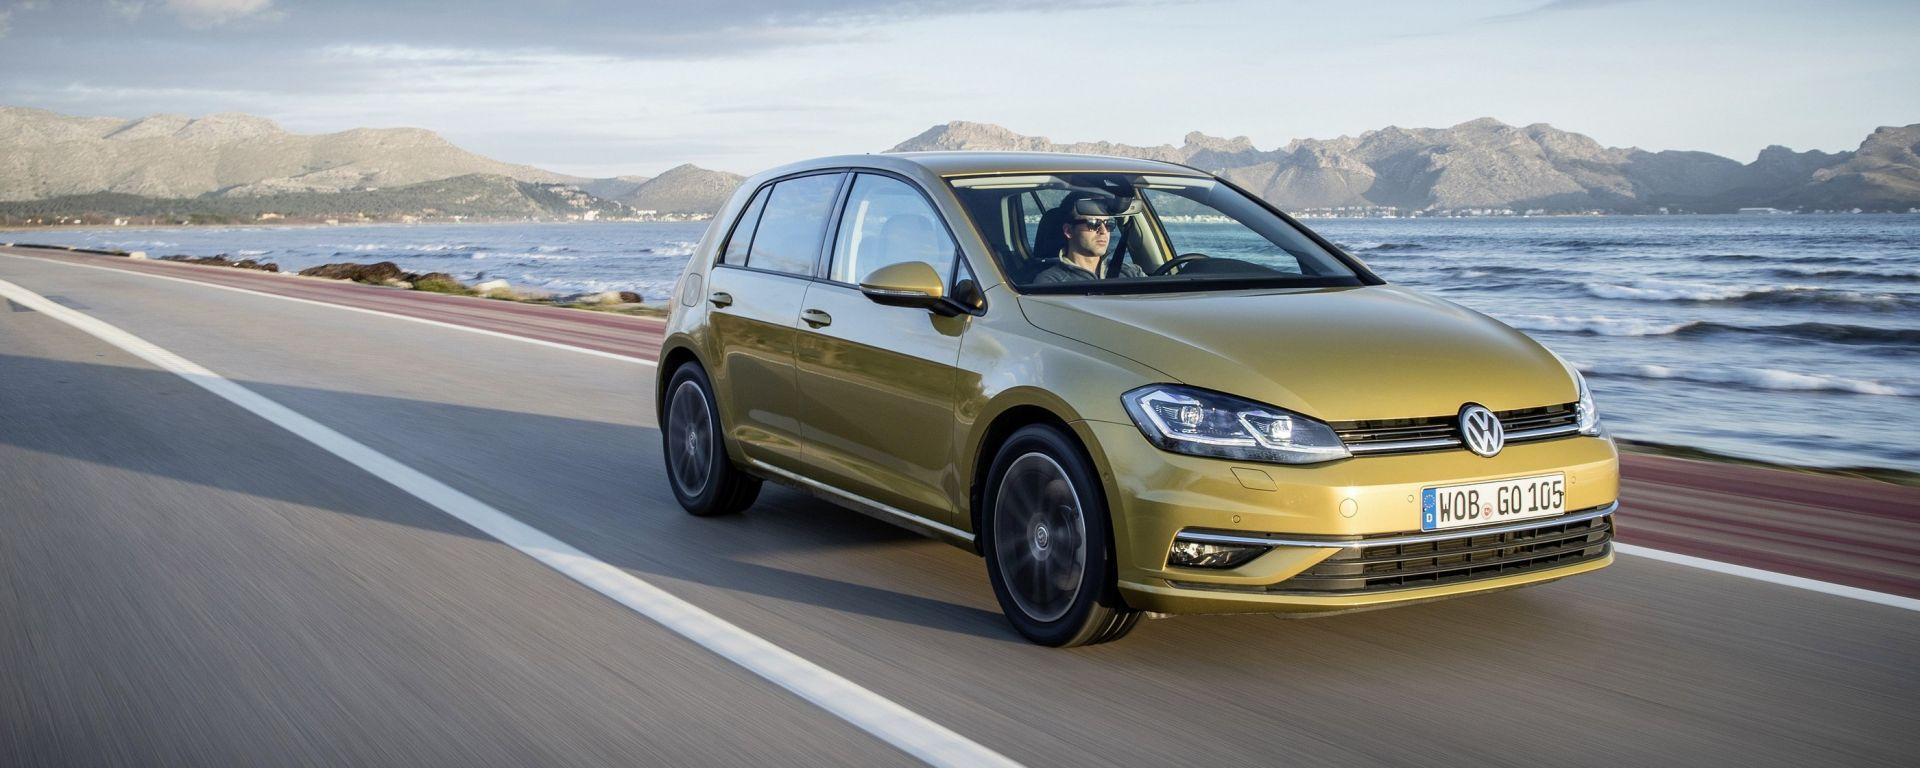 Nuova Volkswagen Golf 2017 | Le vostre domande